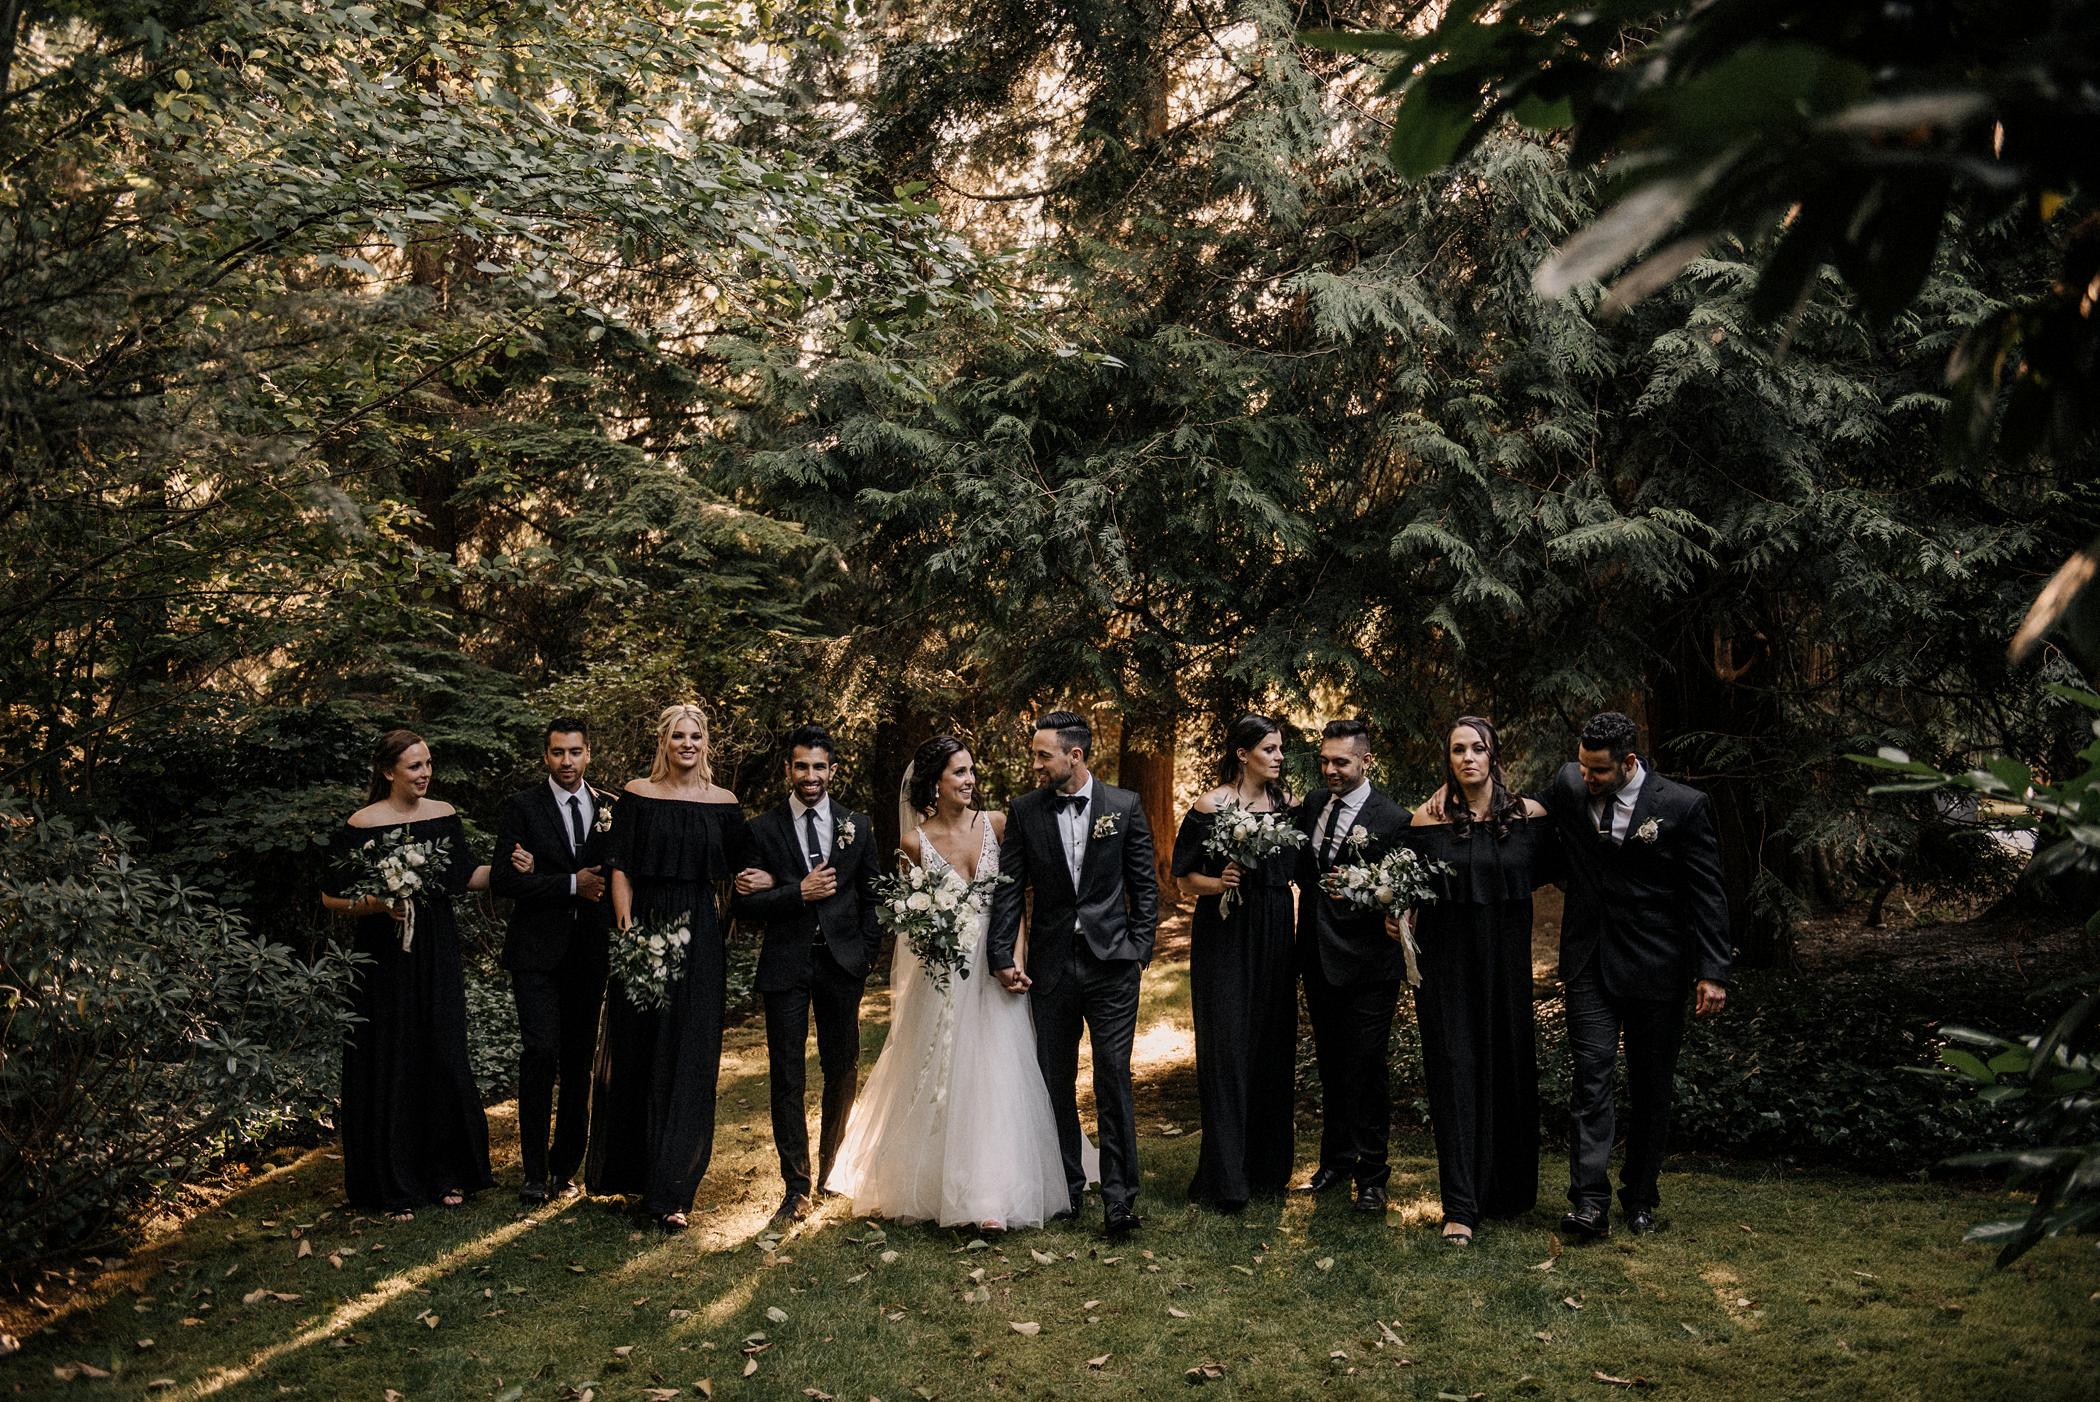 049-kaoverii-silva-KR-wedding-vancouver-photography-blog.png